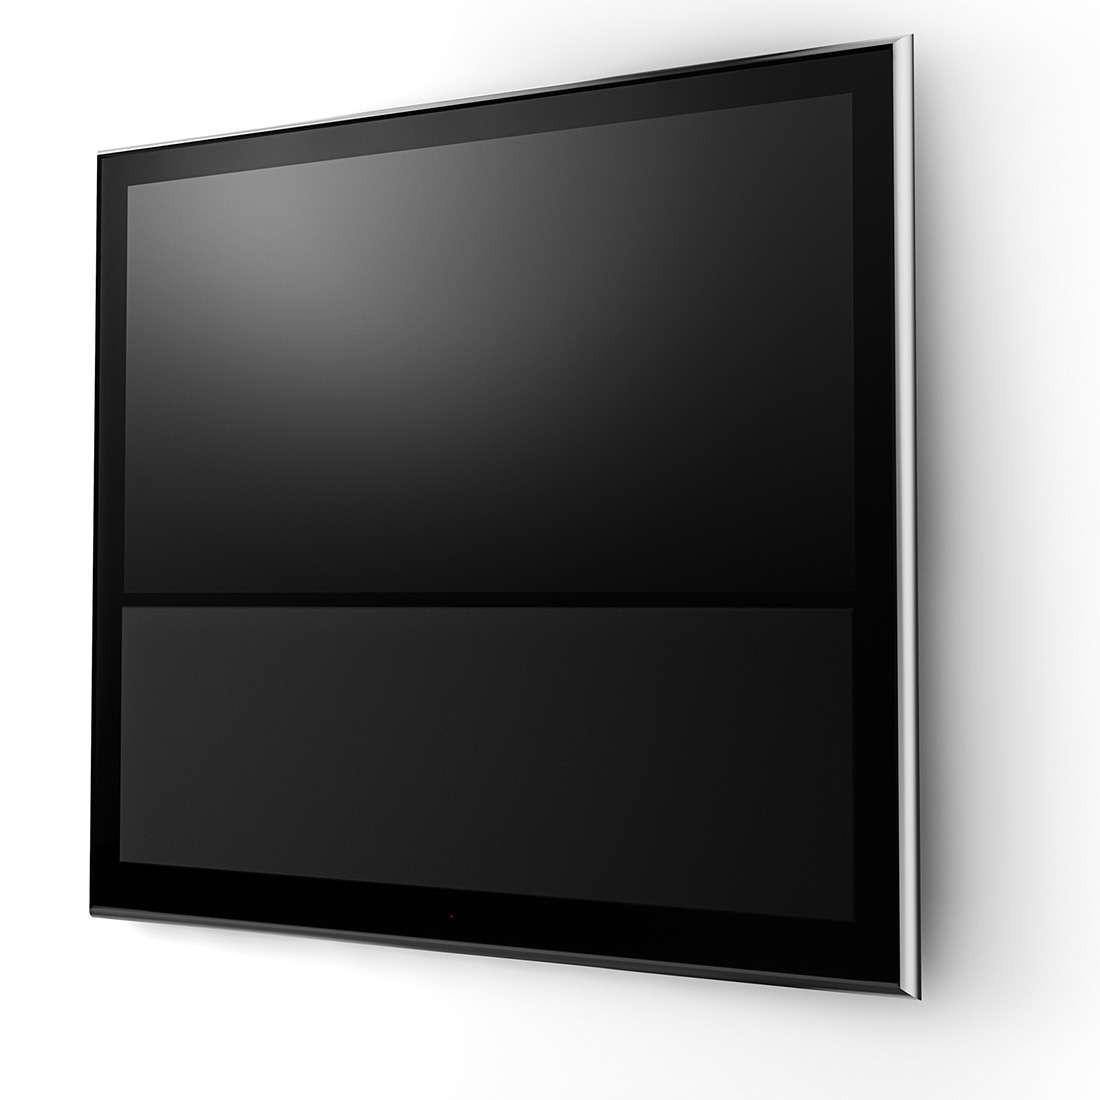 bang olufsen beovision 11 46 front cover black. Black Bedroom Furniture Sets. Home Design Ideas